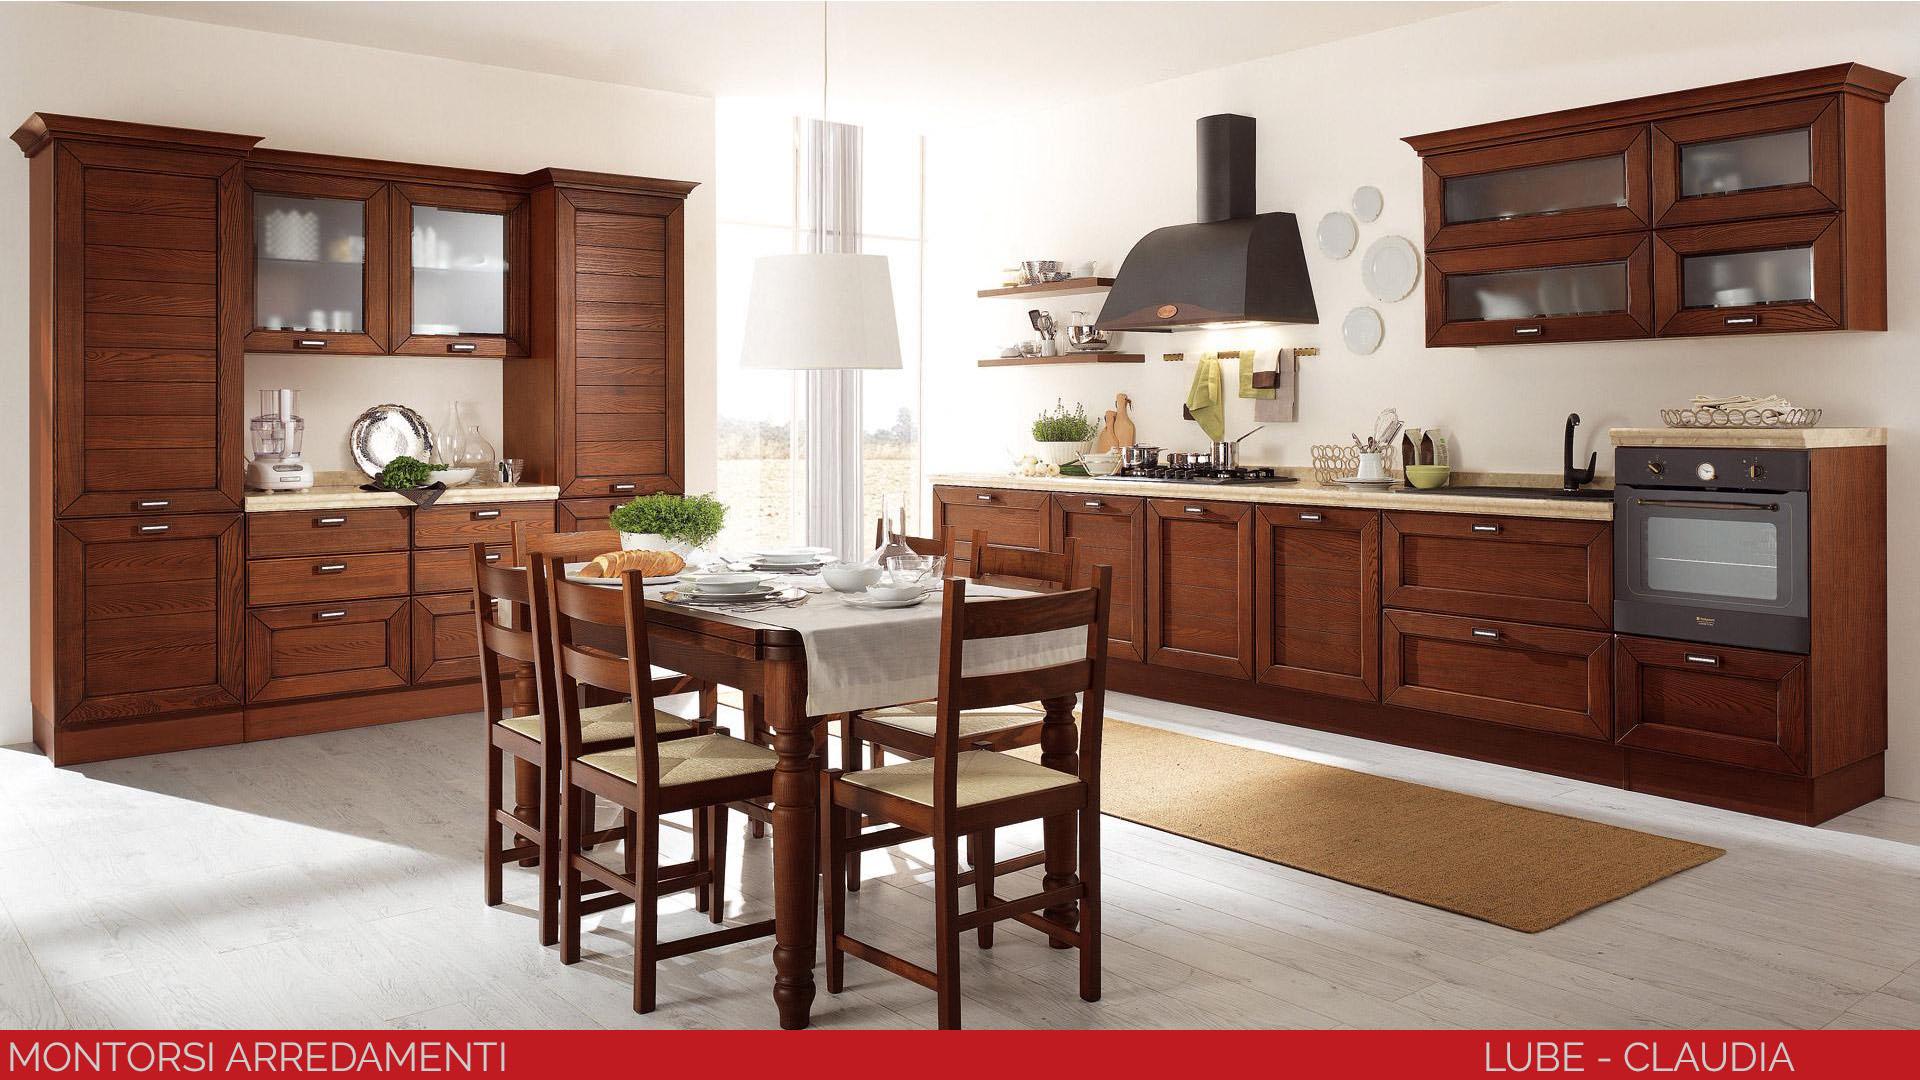 Cucine lube montorsi arredamenti for Katia arredamenti catalogo